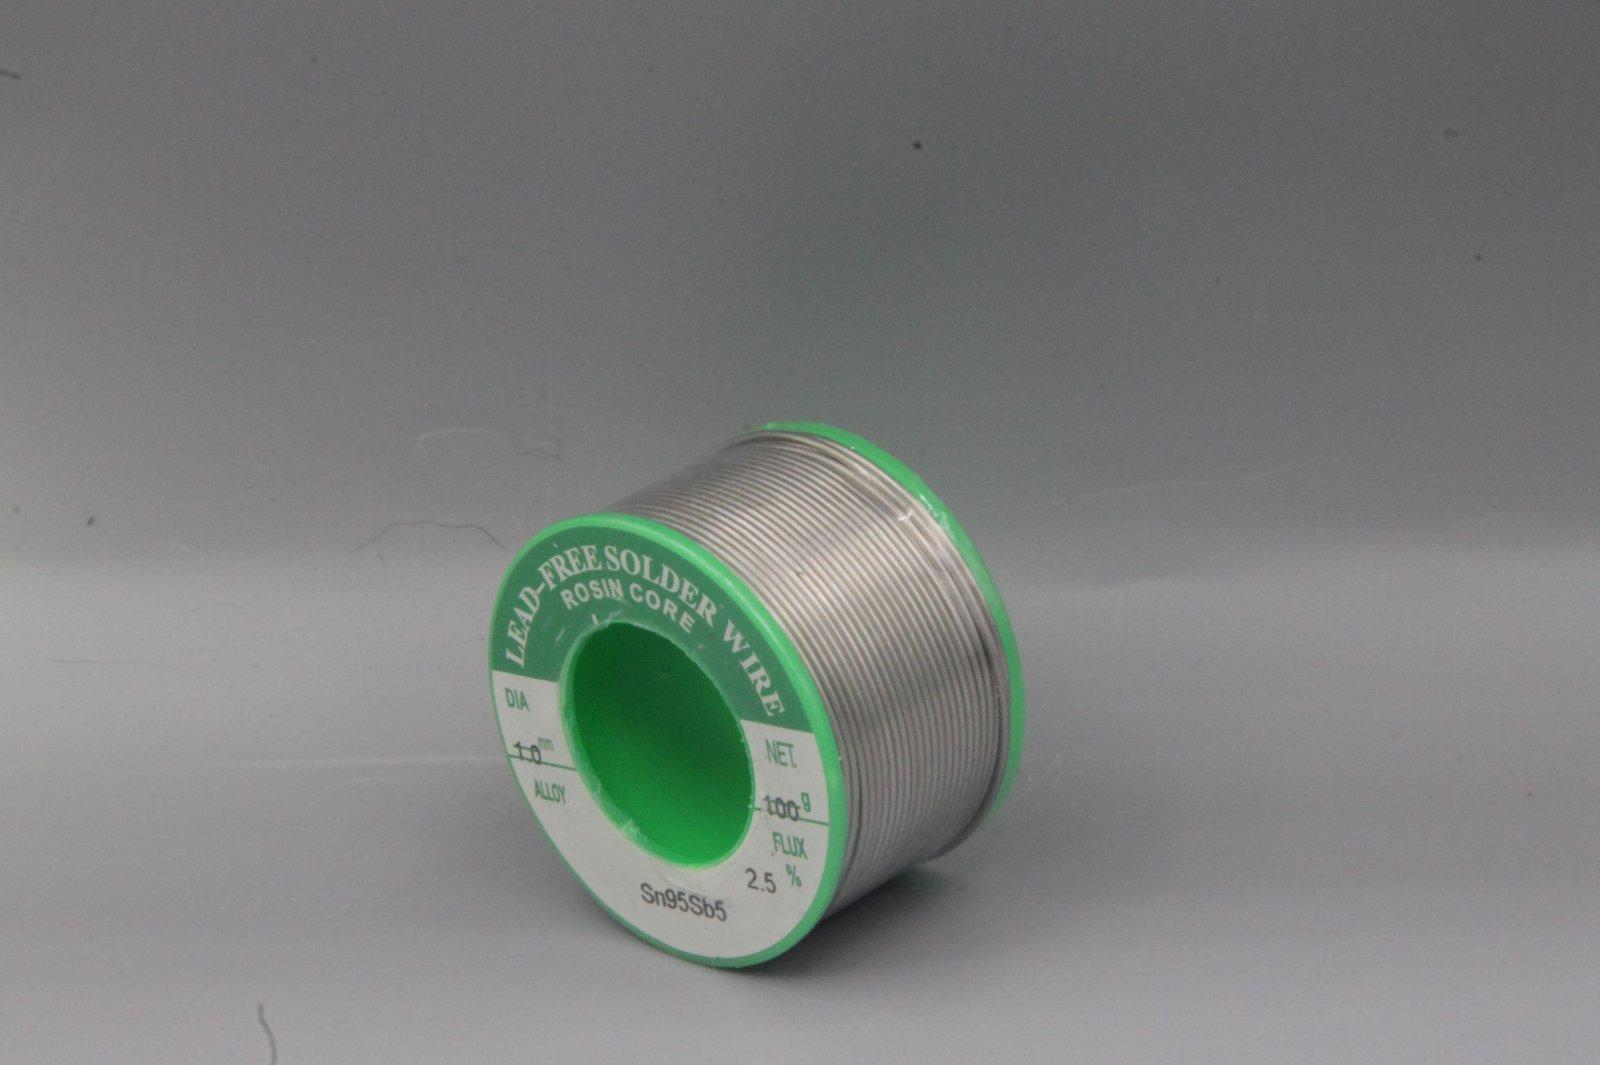 Lötzinn 1mm bleifrei - SN95Sb5 mit 2,5% Flussmittel 100g Lötdraht Lötzinn